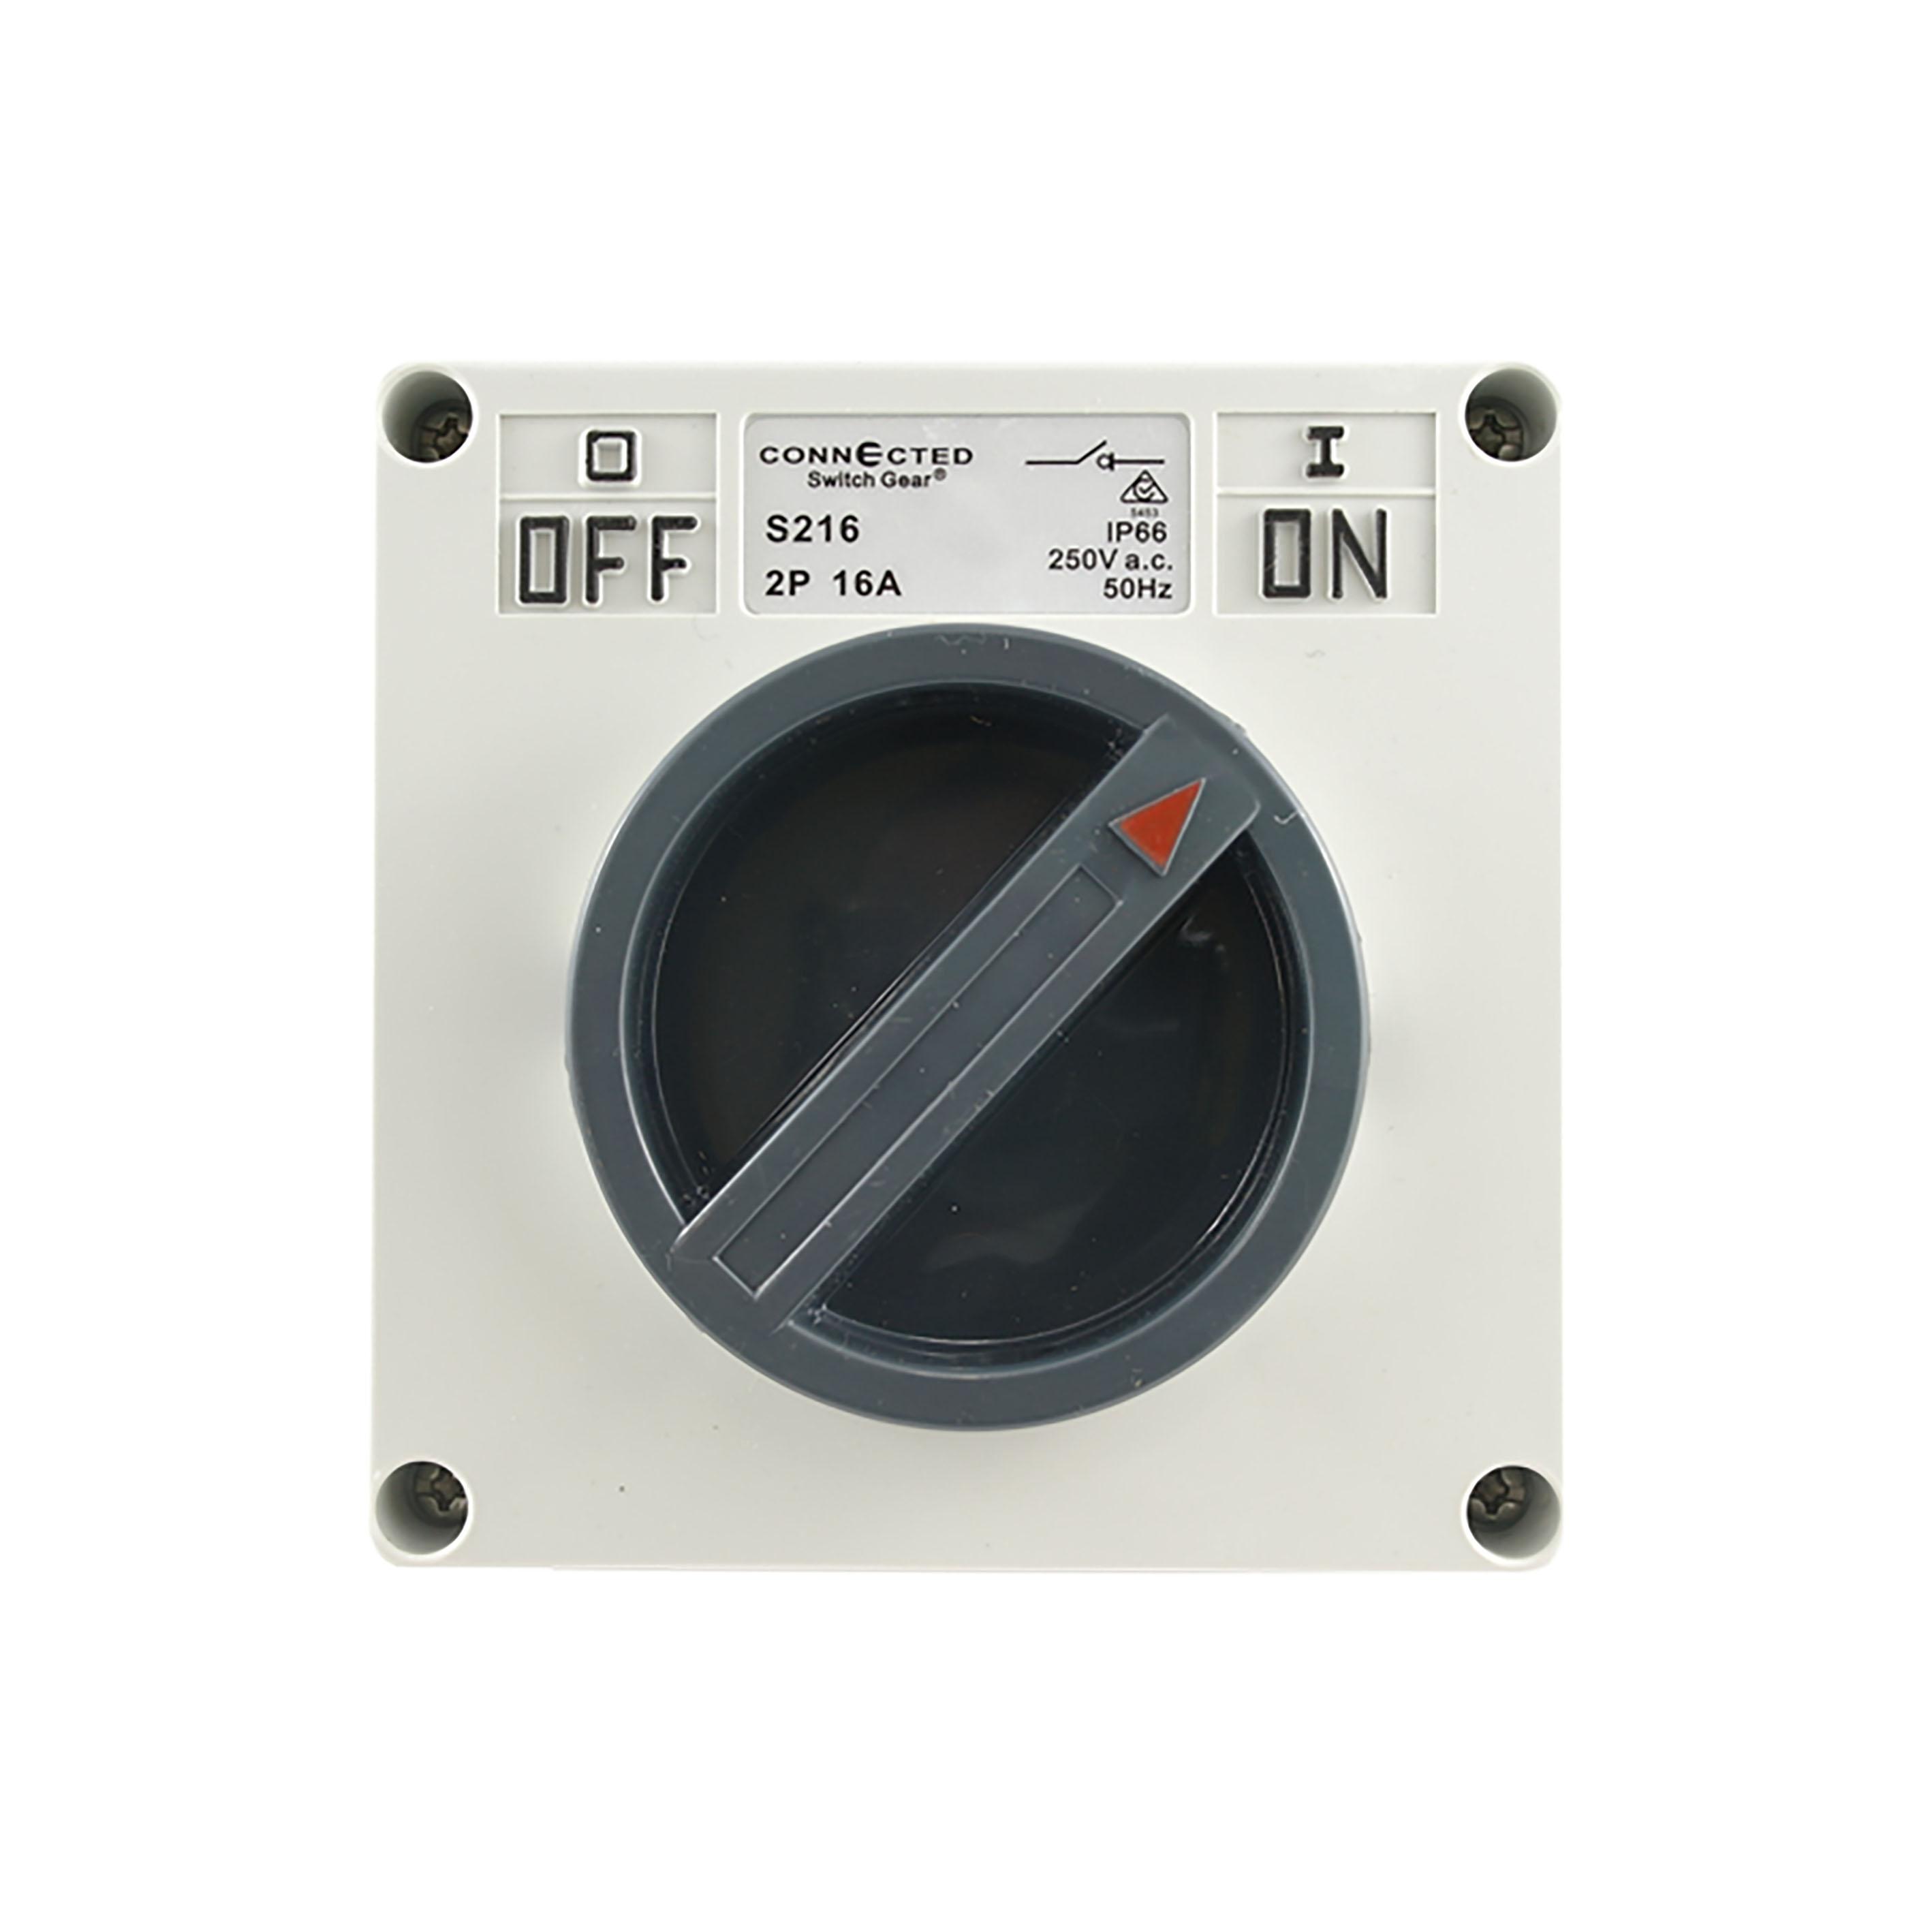 Surface Switch 16A 2 Pole 250V AC